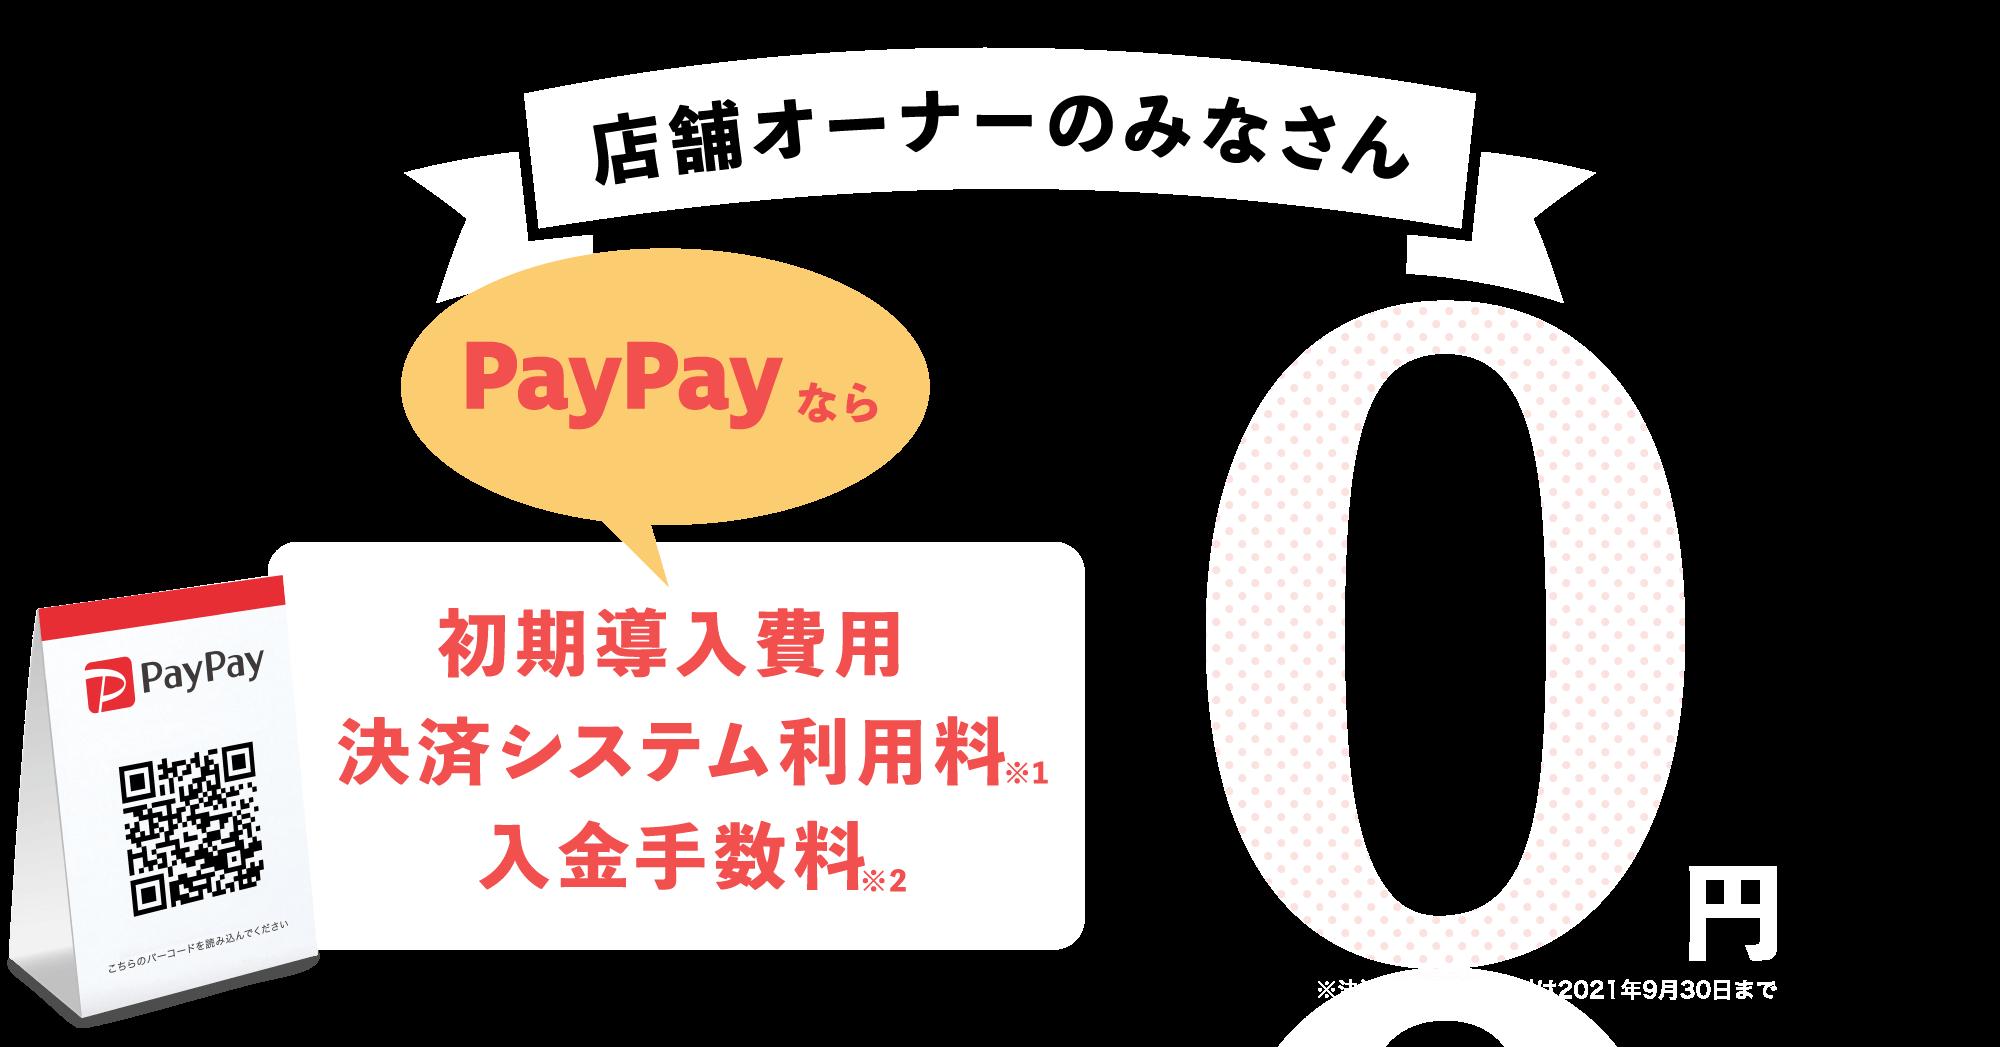 店舗オーナーのみなさん、PayPayなら初期導入費・決済システム利用料・入金手数料0円。※決済システム利用料は2021年9月30日まで